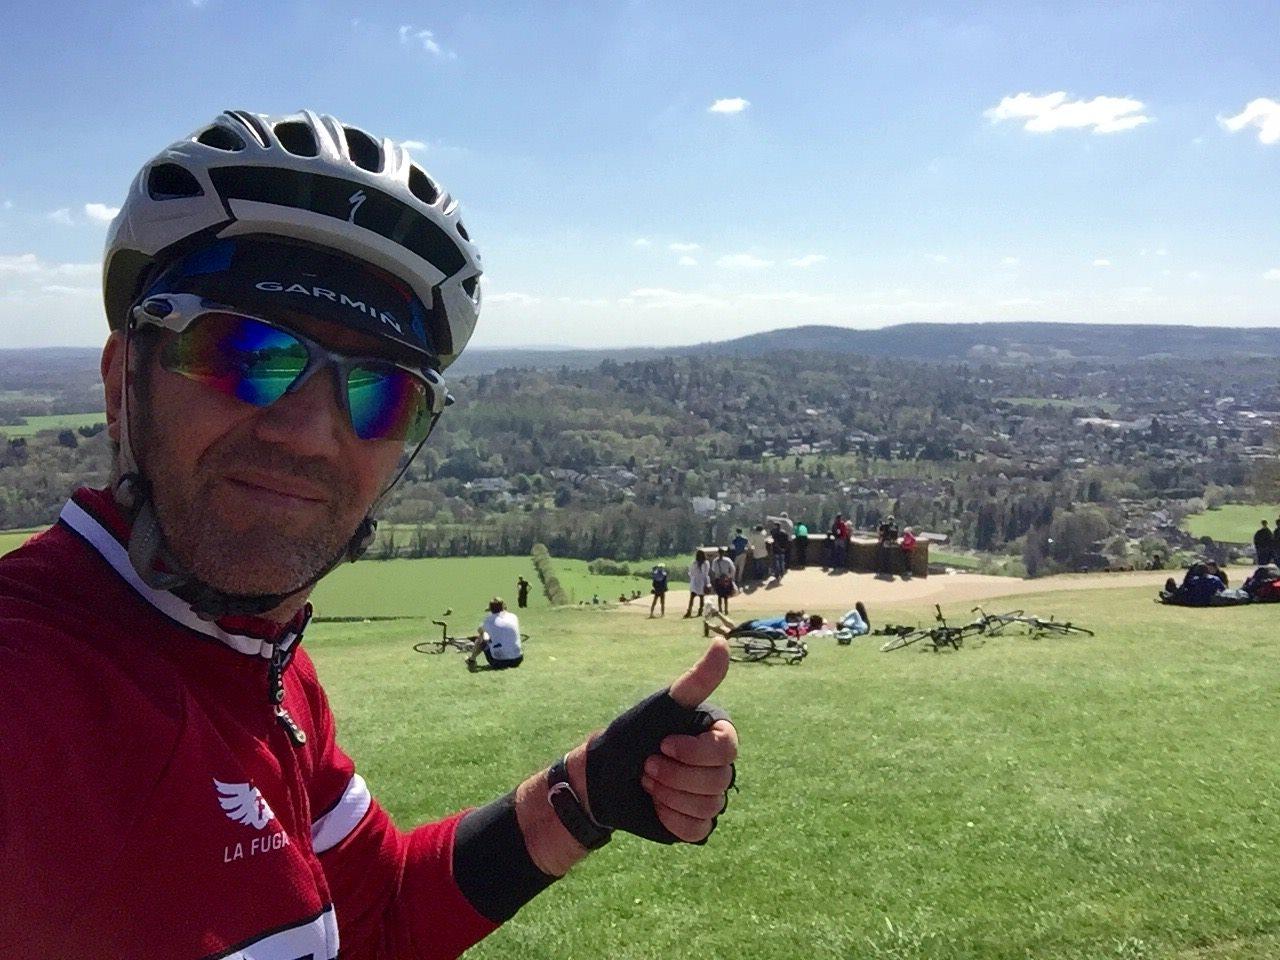 Cycling_Box_Hill_Surrey_UK_©Fabrizio_Malisan_Photography_@fabulouSport